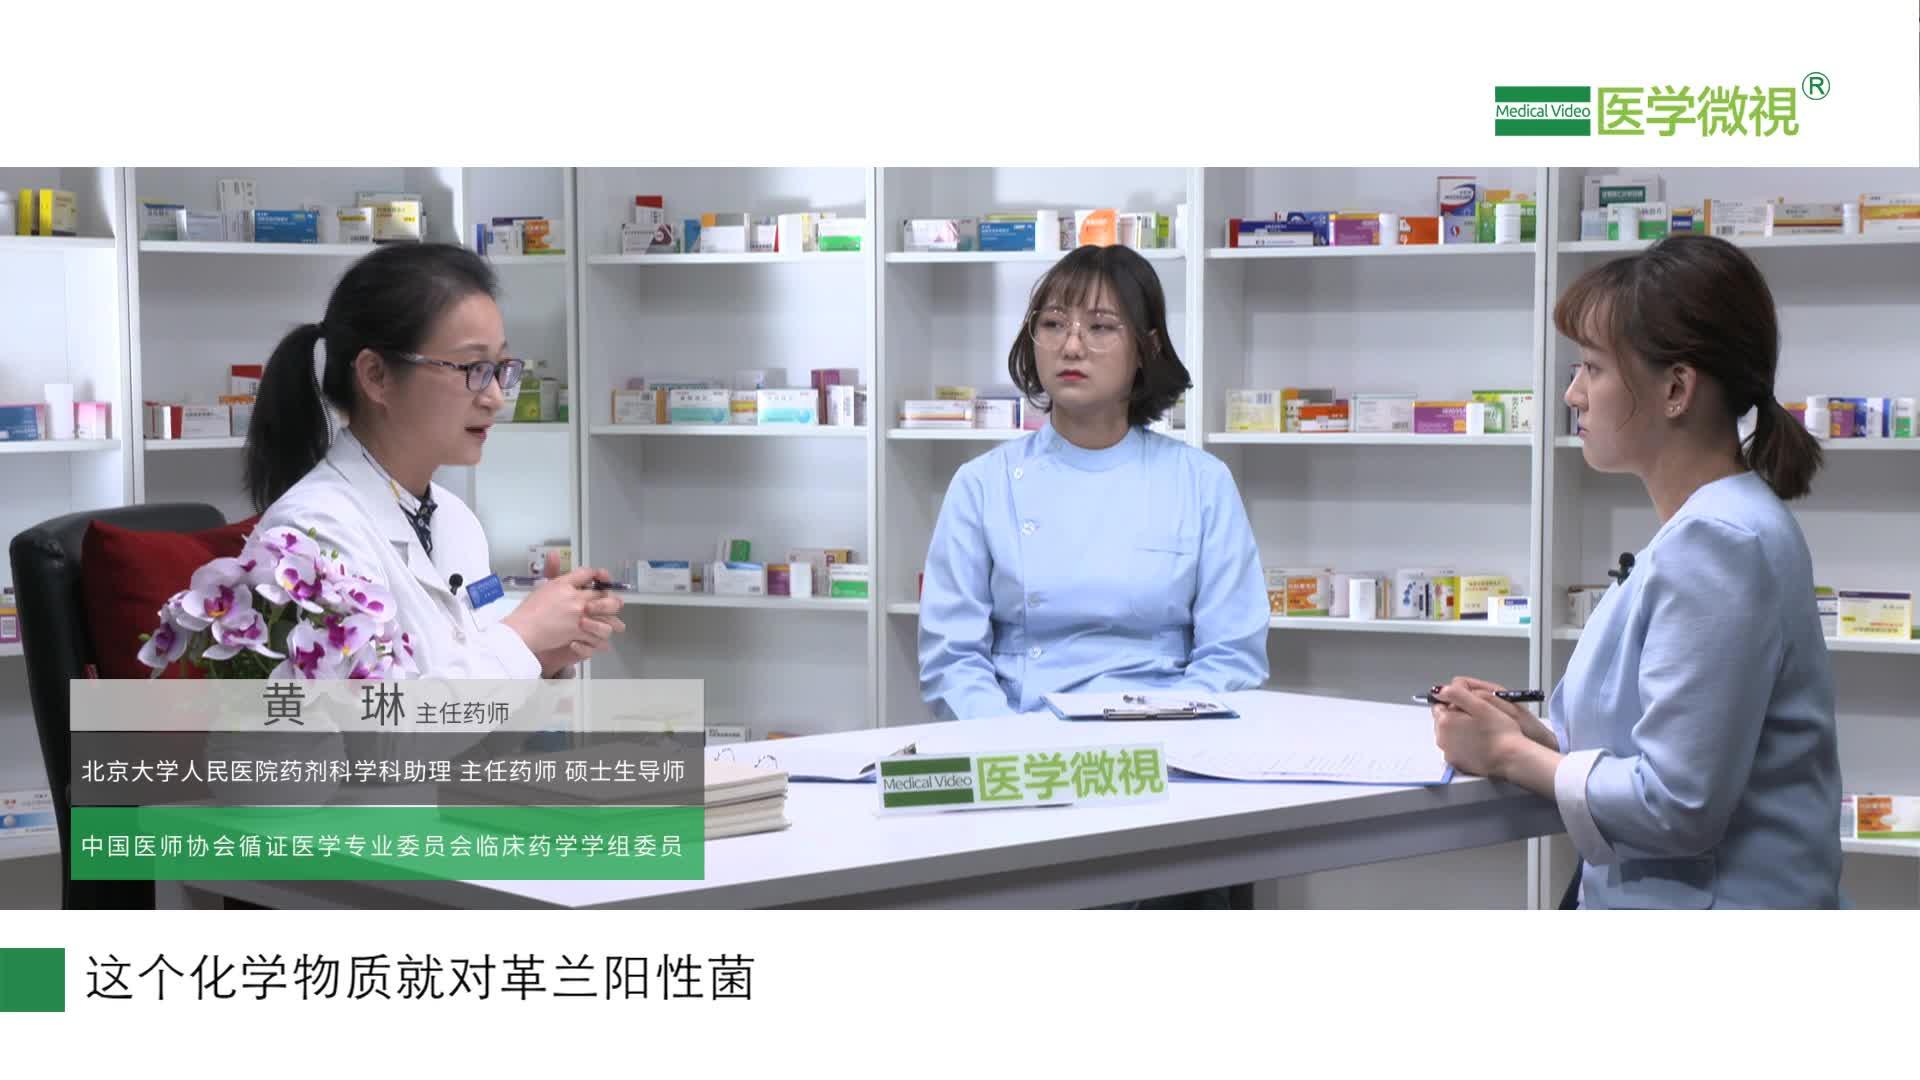 醋酸氯己定漱口水是如何杀死牙菌斑的?能预防口腔疾病吗?